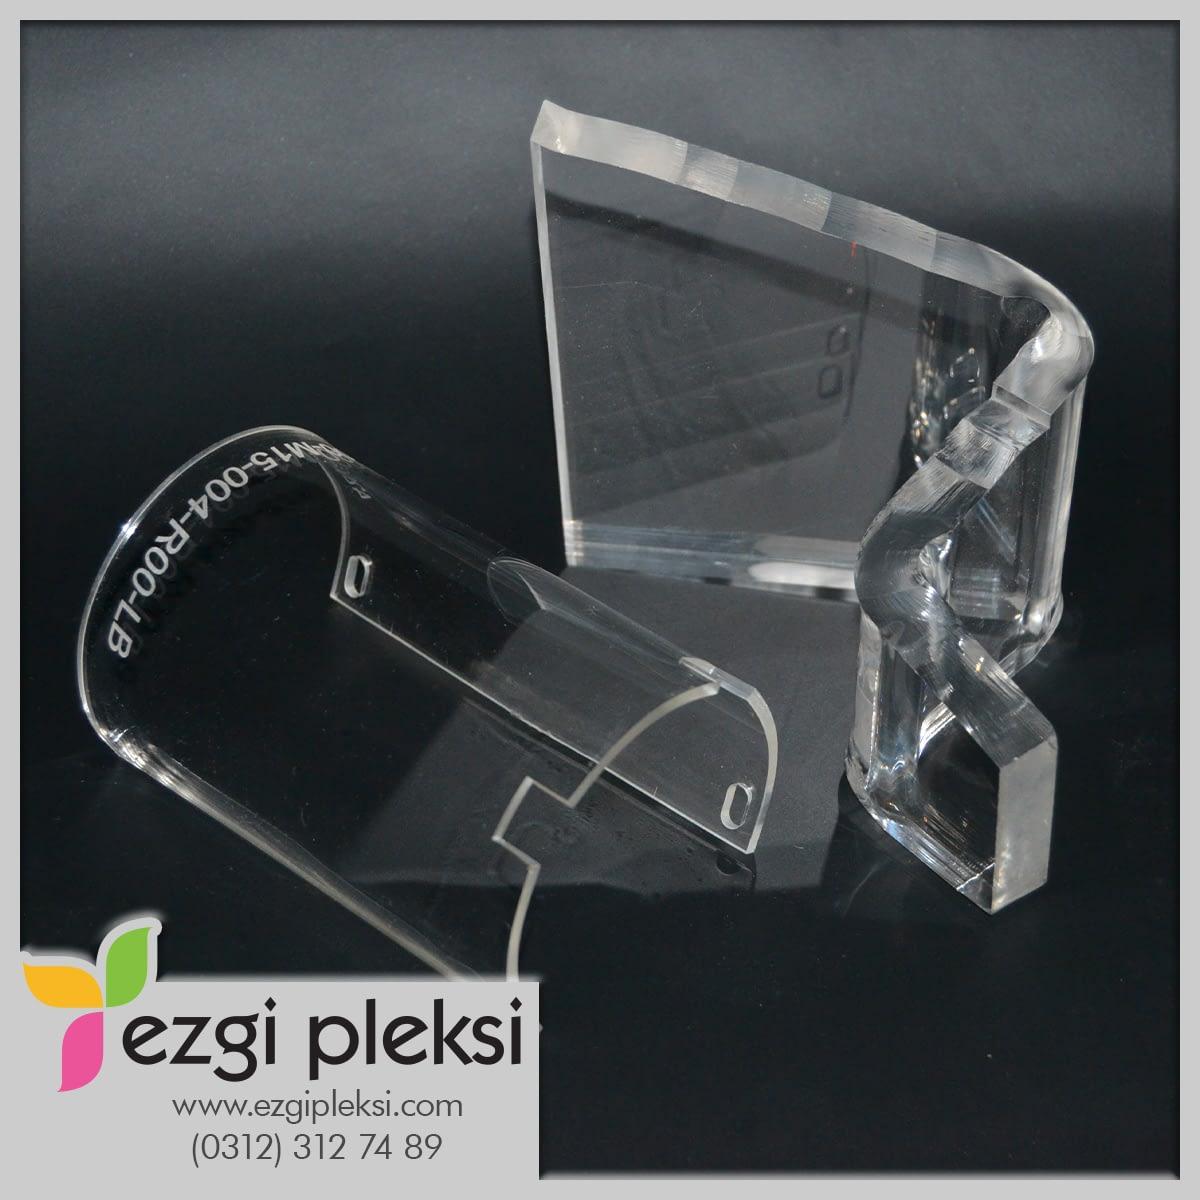 Pleksiglas, pleksi lazer kesim, pleksi büküm